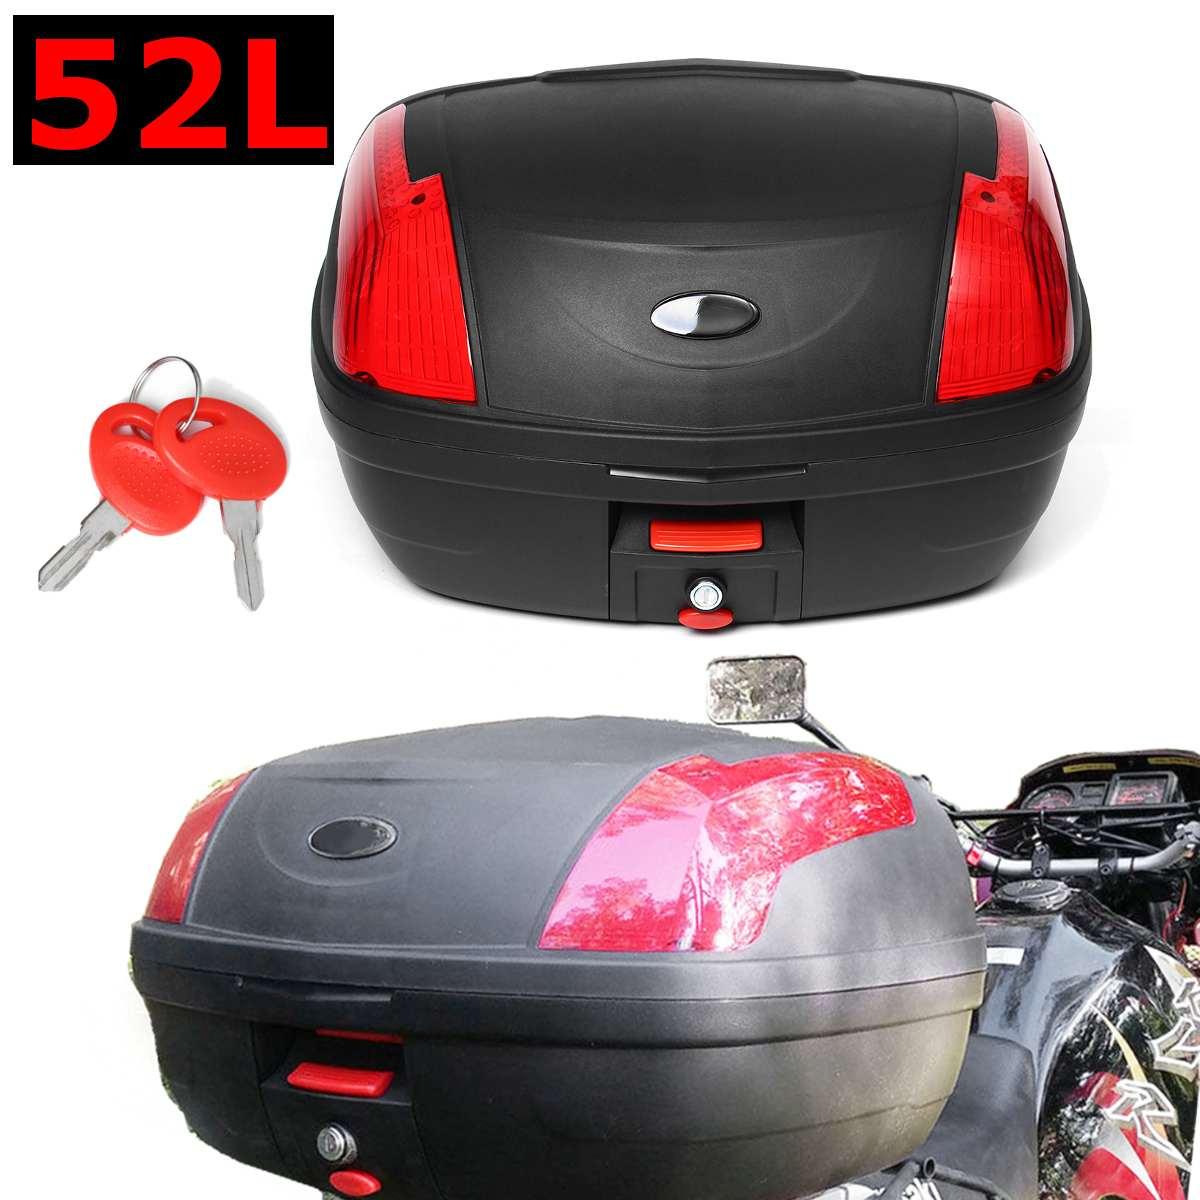 صندوق دراجة نارية أسود مع مزلاج أمان ، صندوق علوي مع قفل لسكوتر ، صندوق تخزين خلفي متين ، 55x42x32 سنتيمتر ، 52 لتر ، جديد